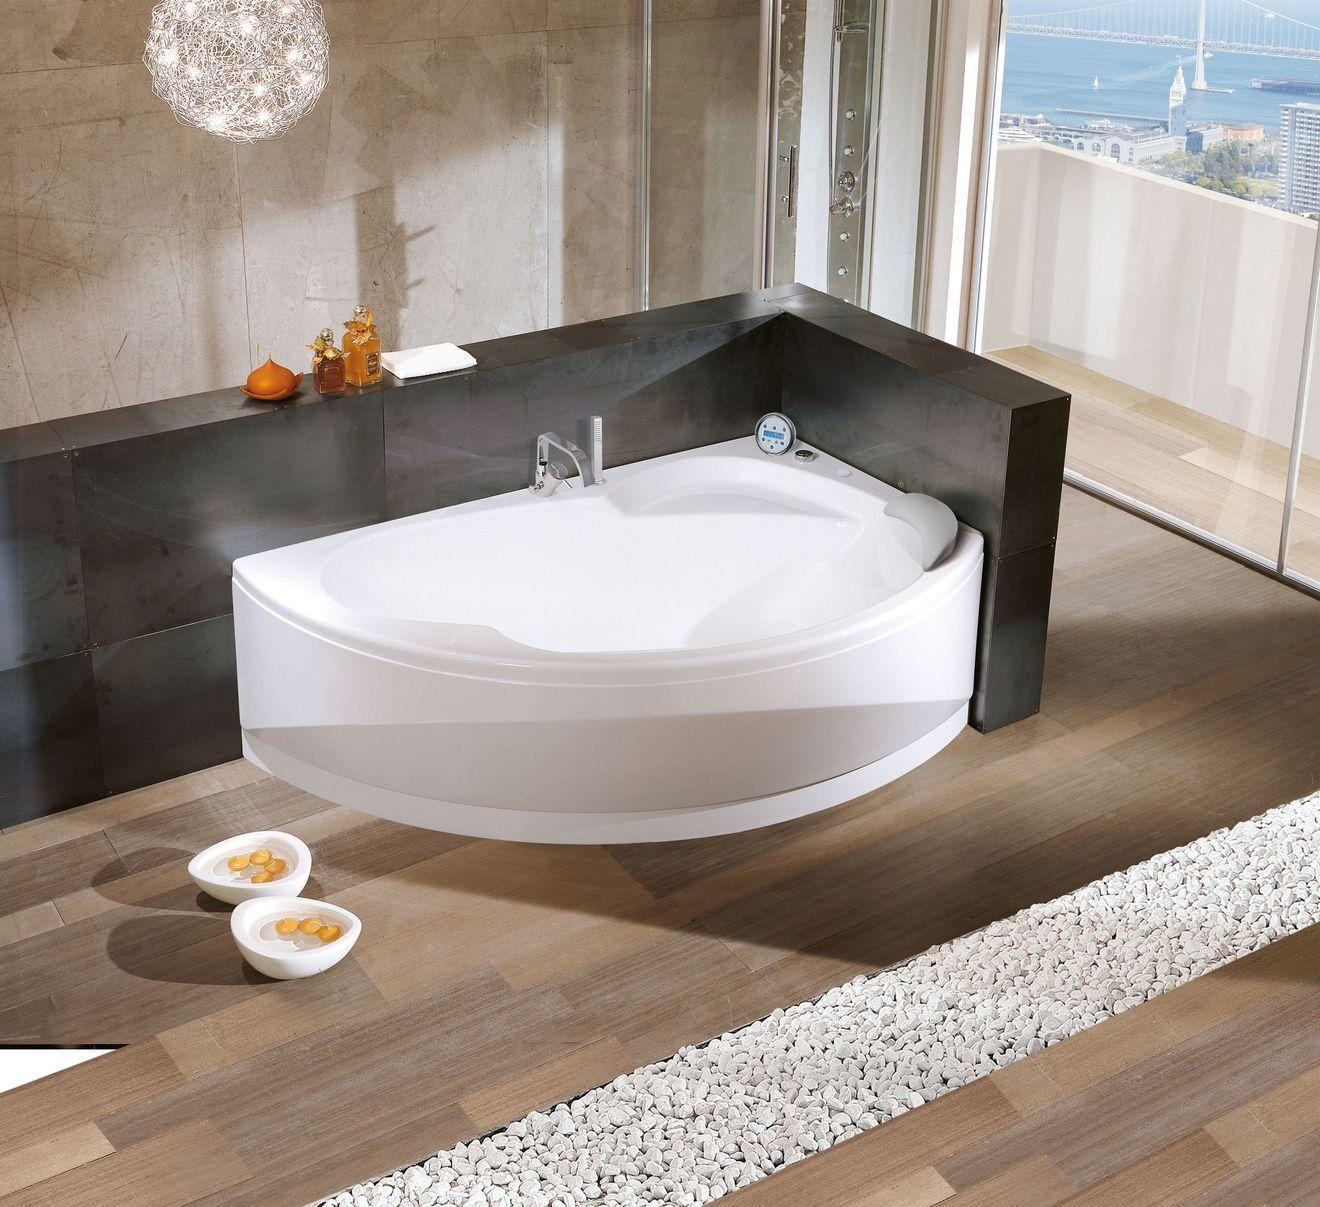 34+ Baignoire d angle dans petite salle de bain ideas